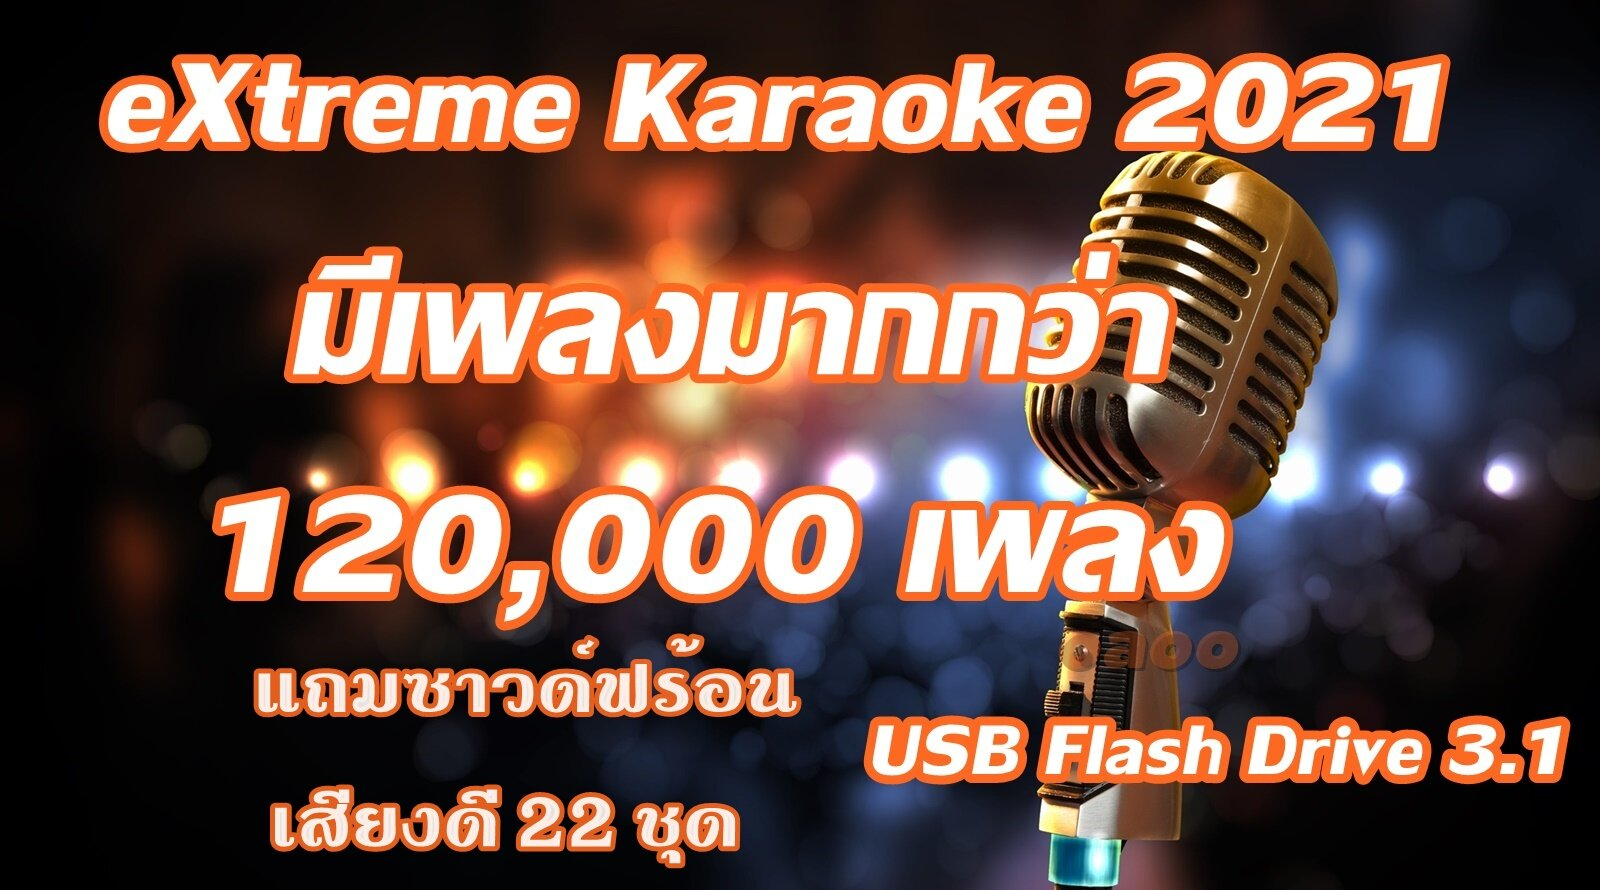 โปรแกรมคาราโอเกะ Extreme Karaoke อัพเดทล่าสุด2021 Usb Karaoke แฟรชไดร์ฟ Usb 3 เล่นได้เลย.